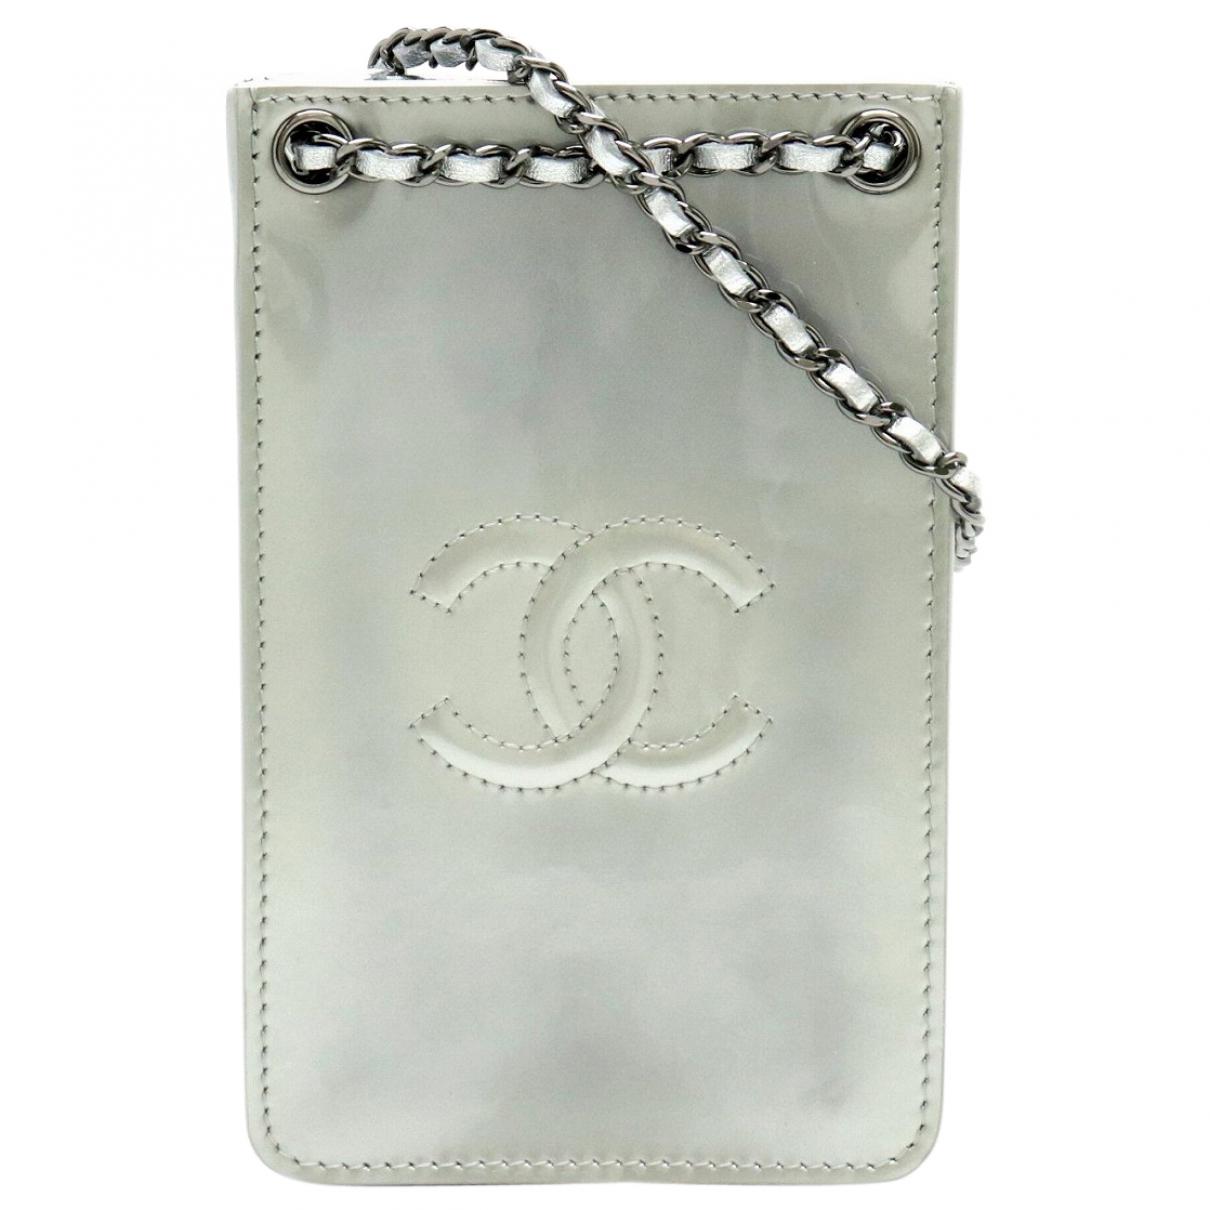 Chanel \N Silver Leather handbag for Women \N